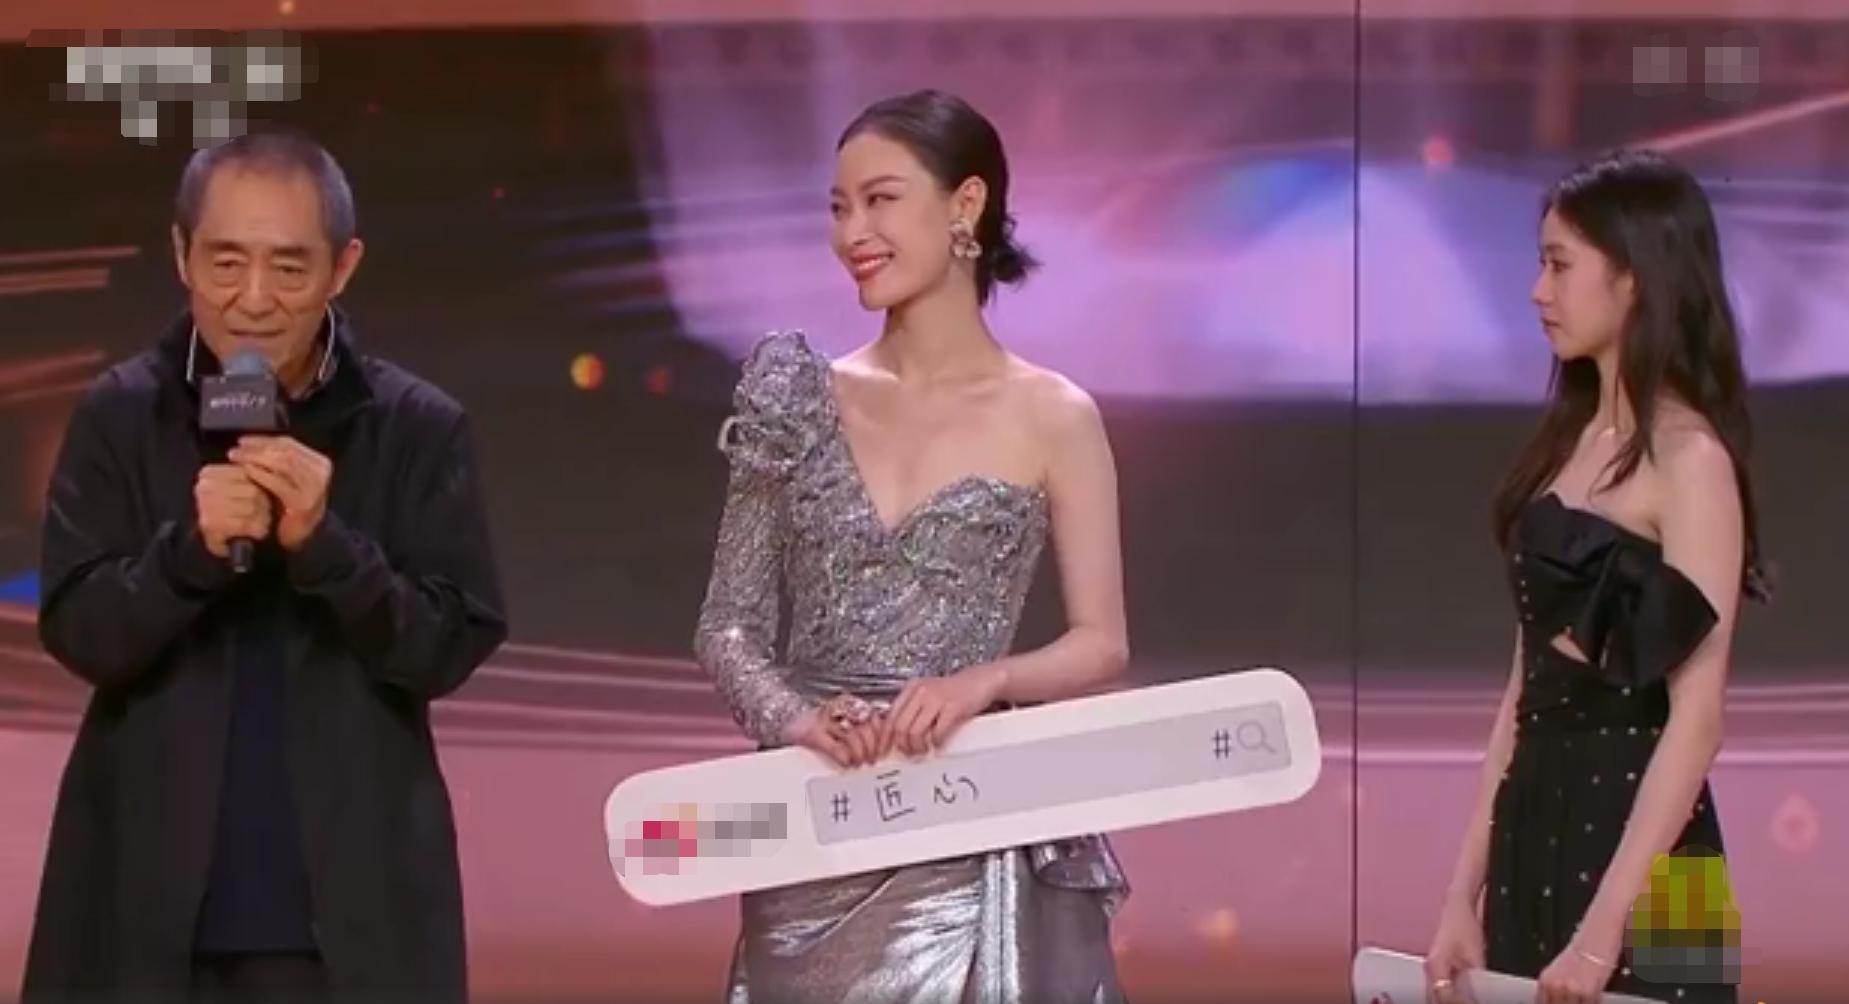 倪妮刘浩存在张艺谋面前哭了 为什么到了这一代谋女郎不火了